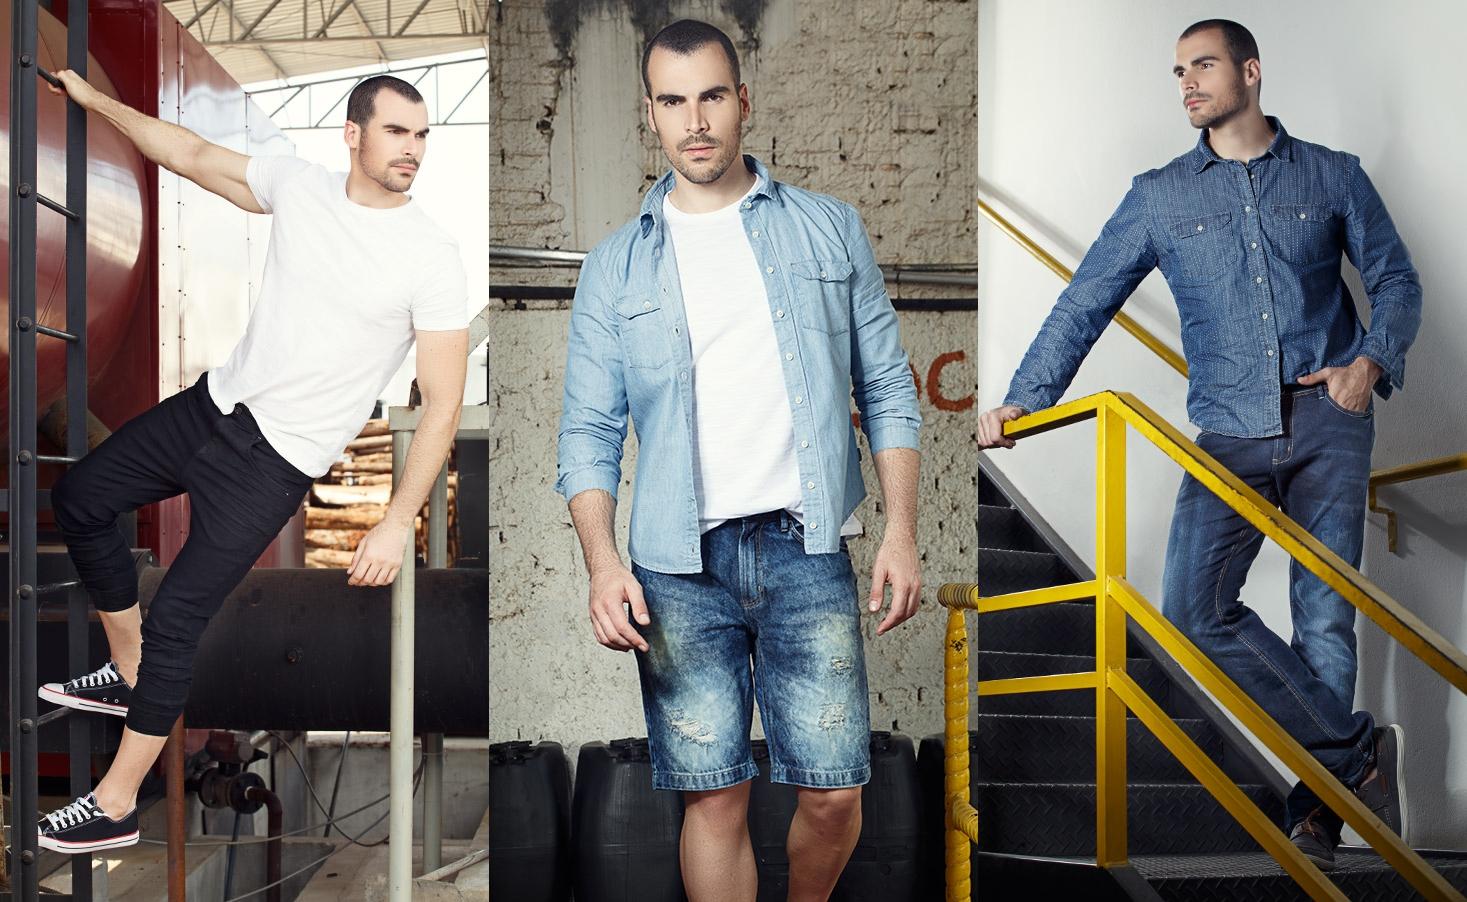 staroup jeans, jeans masculino, marca masculina, calça masculina, roupa masculina, loja de roupa online, onde comprar calça online, melhores calças, alex cursino, moda sem censura, comprinhas (1)